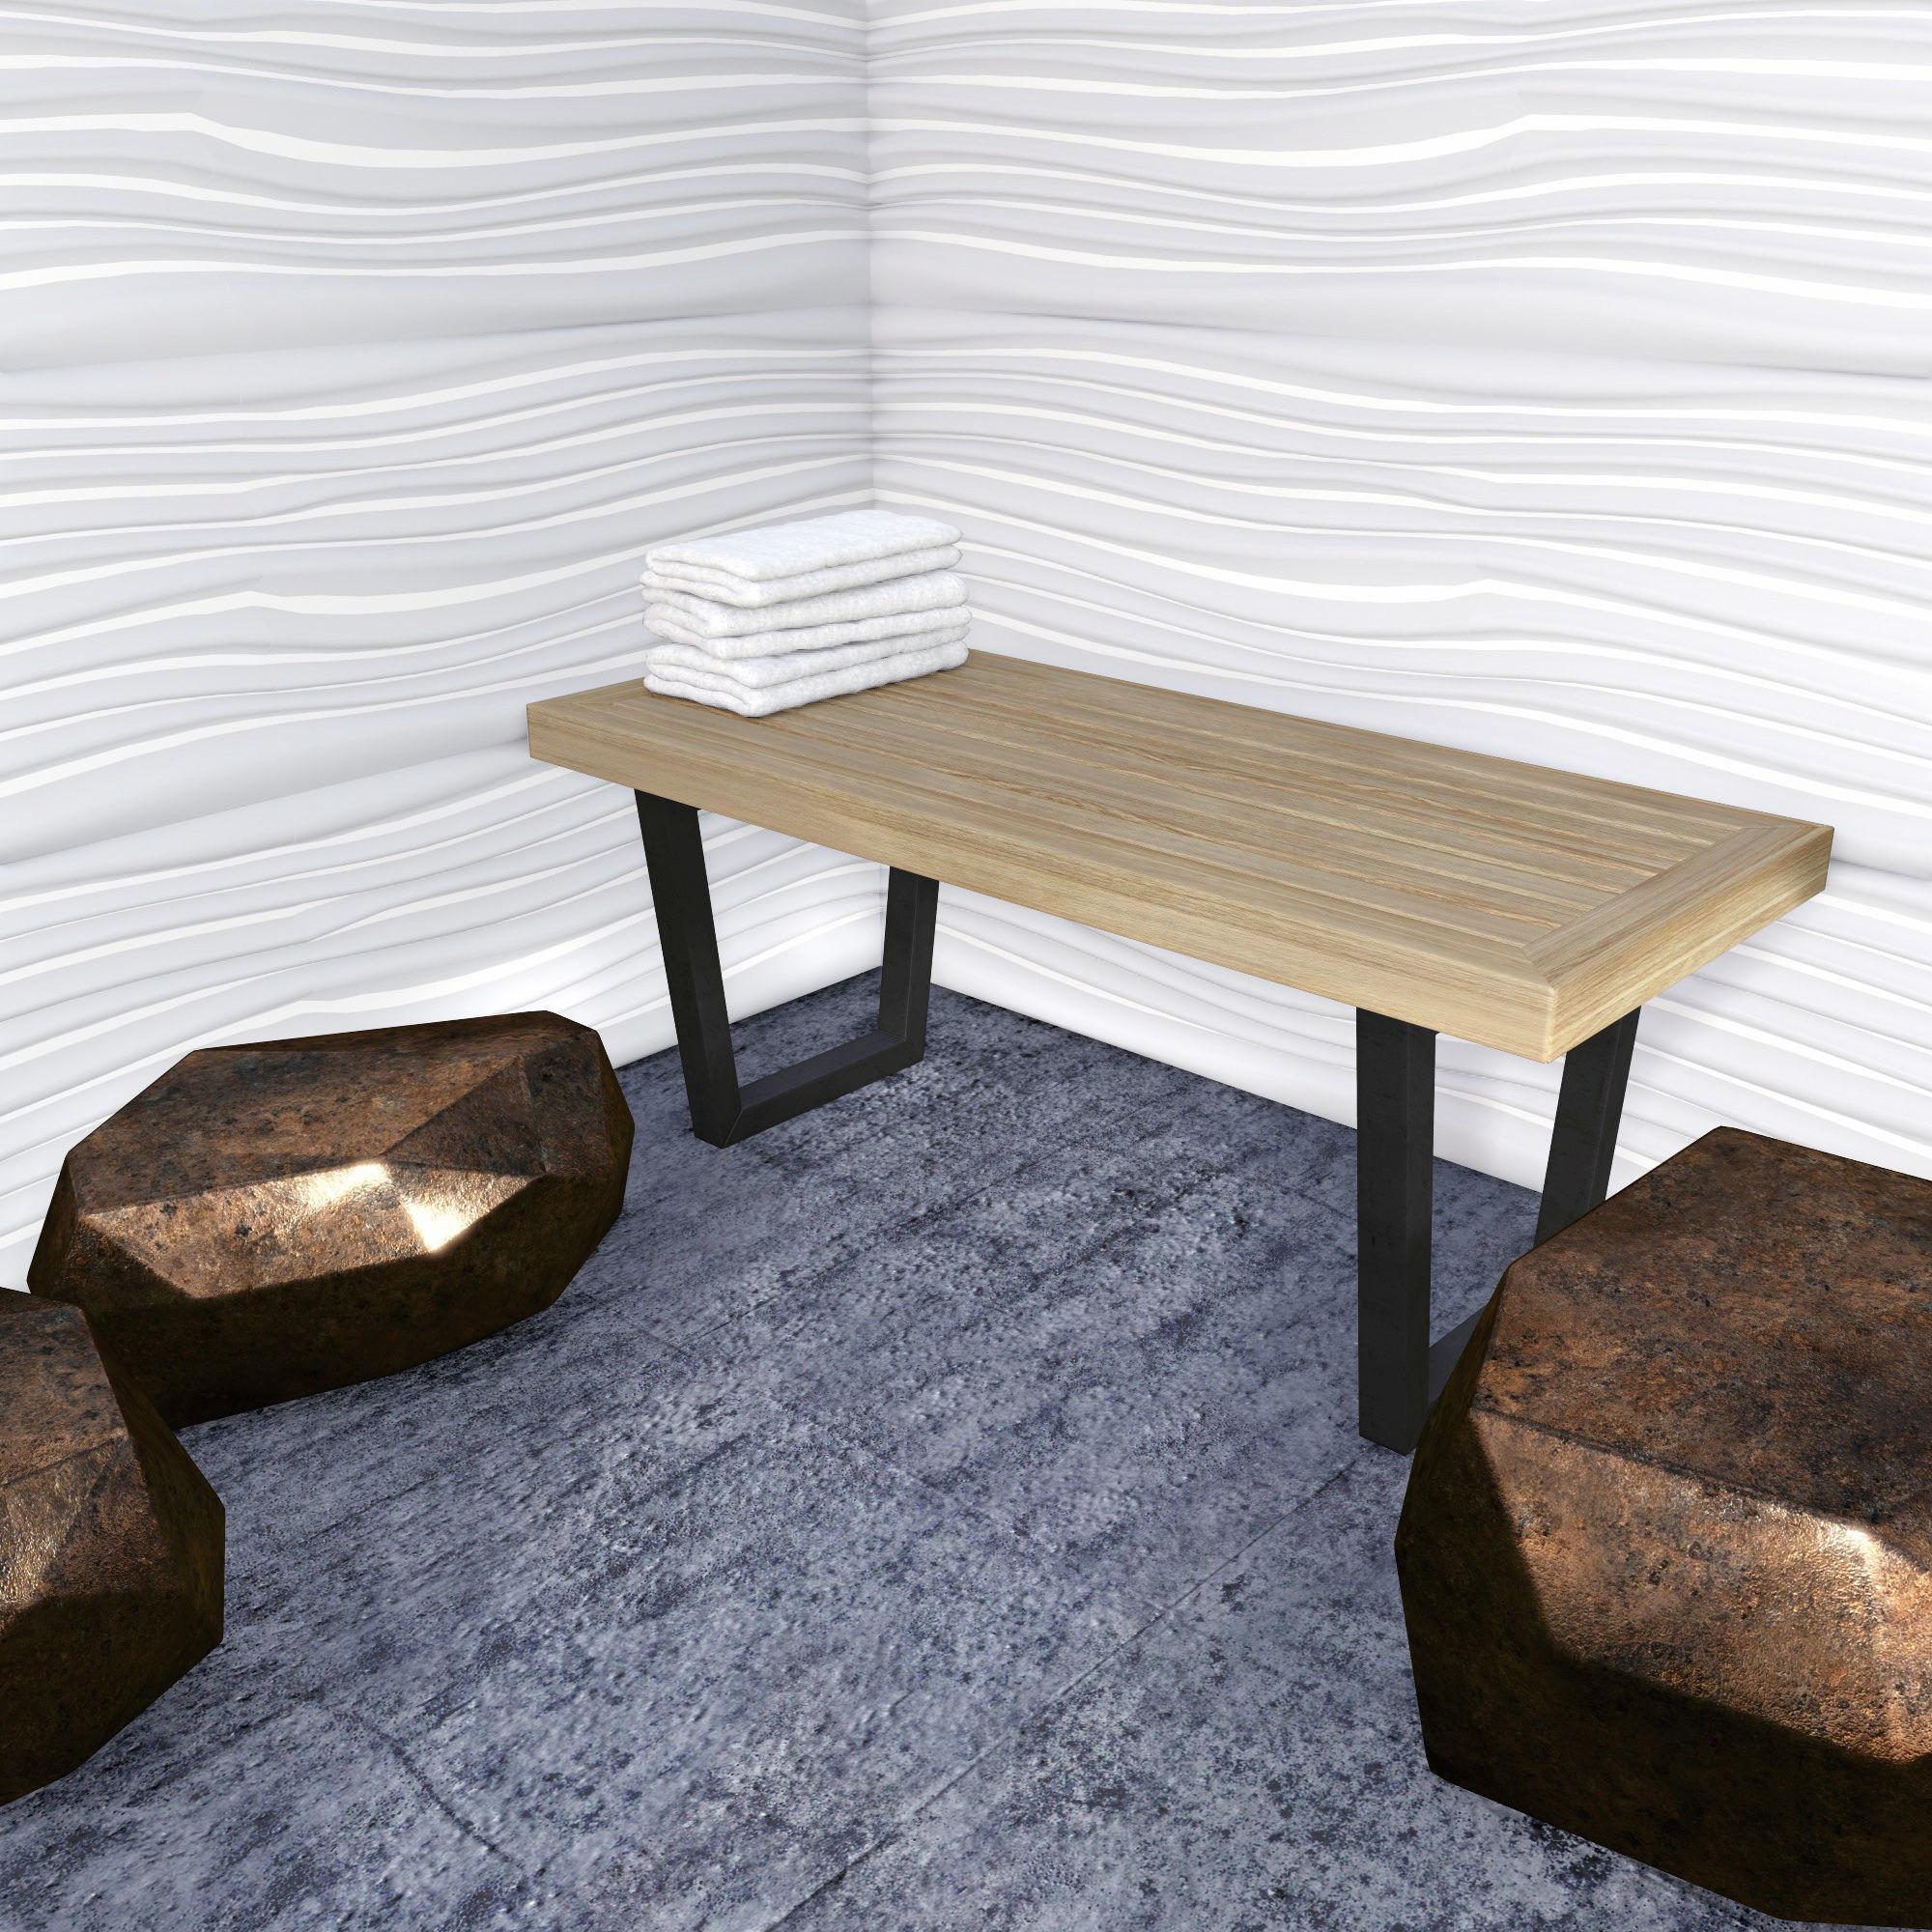 modern wooden bench d model obj ds fbx dae mtl  . modern wooden bench d  cgtrader